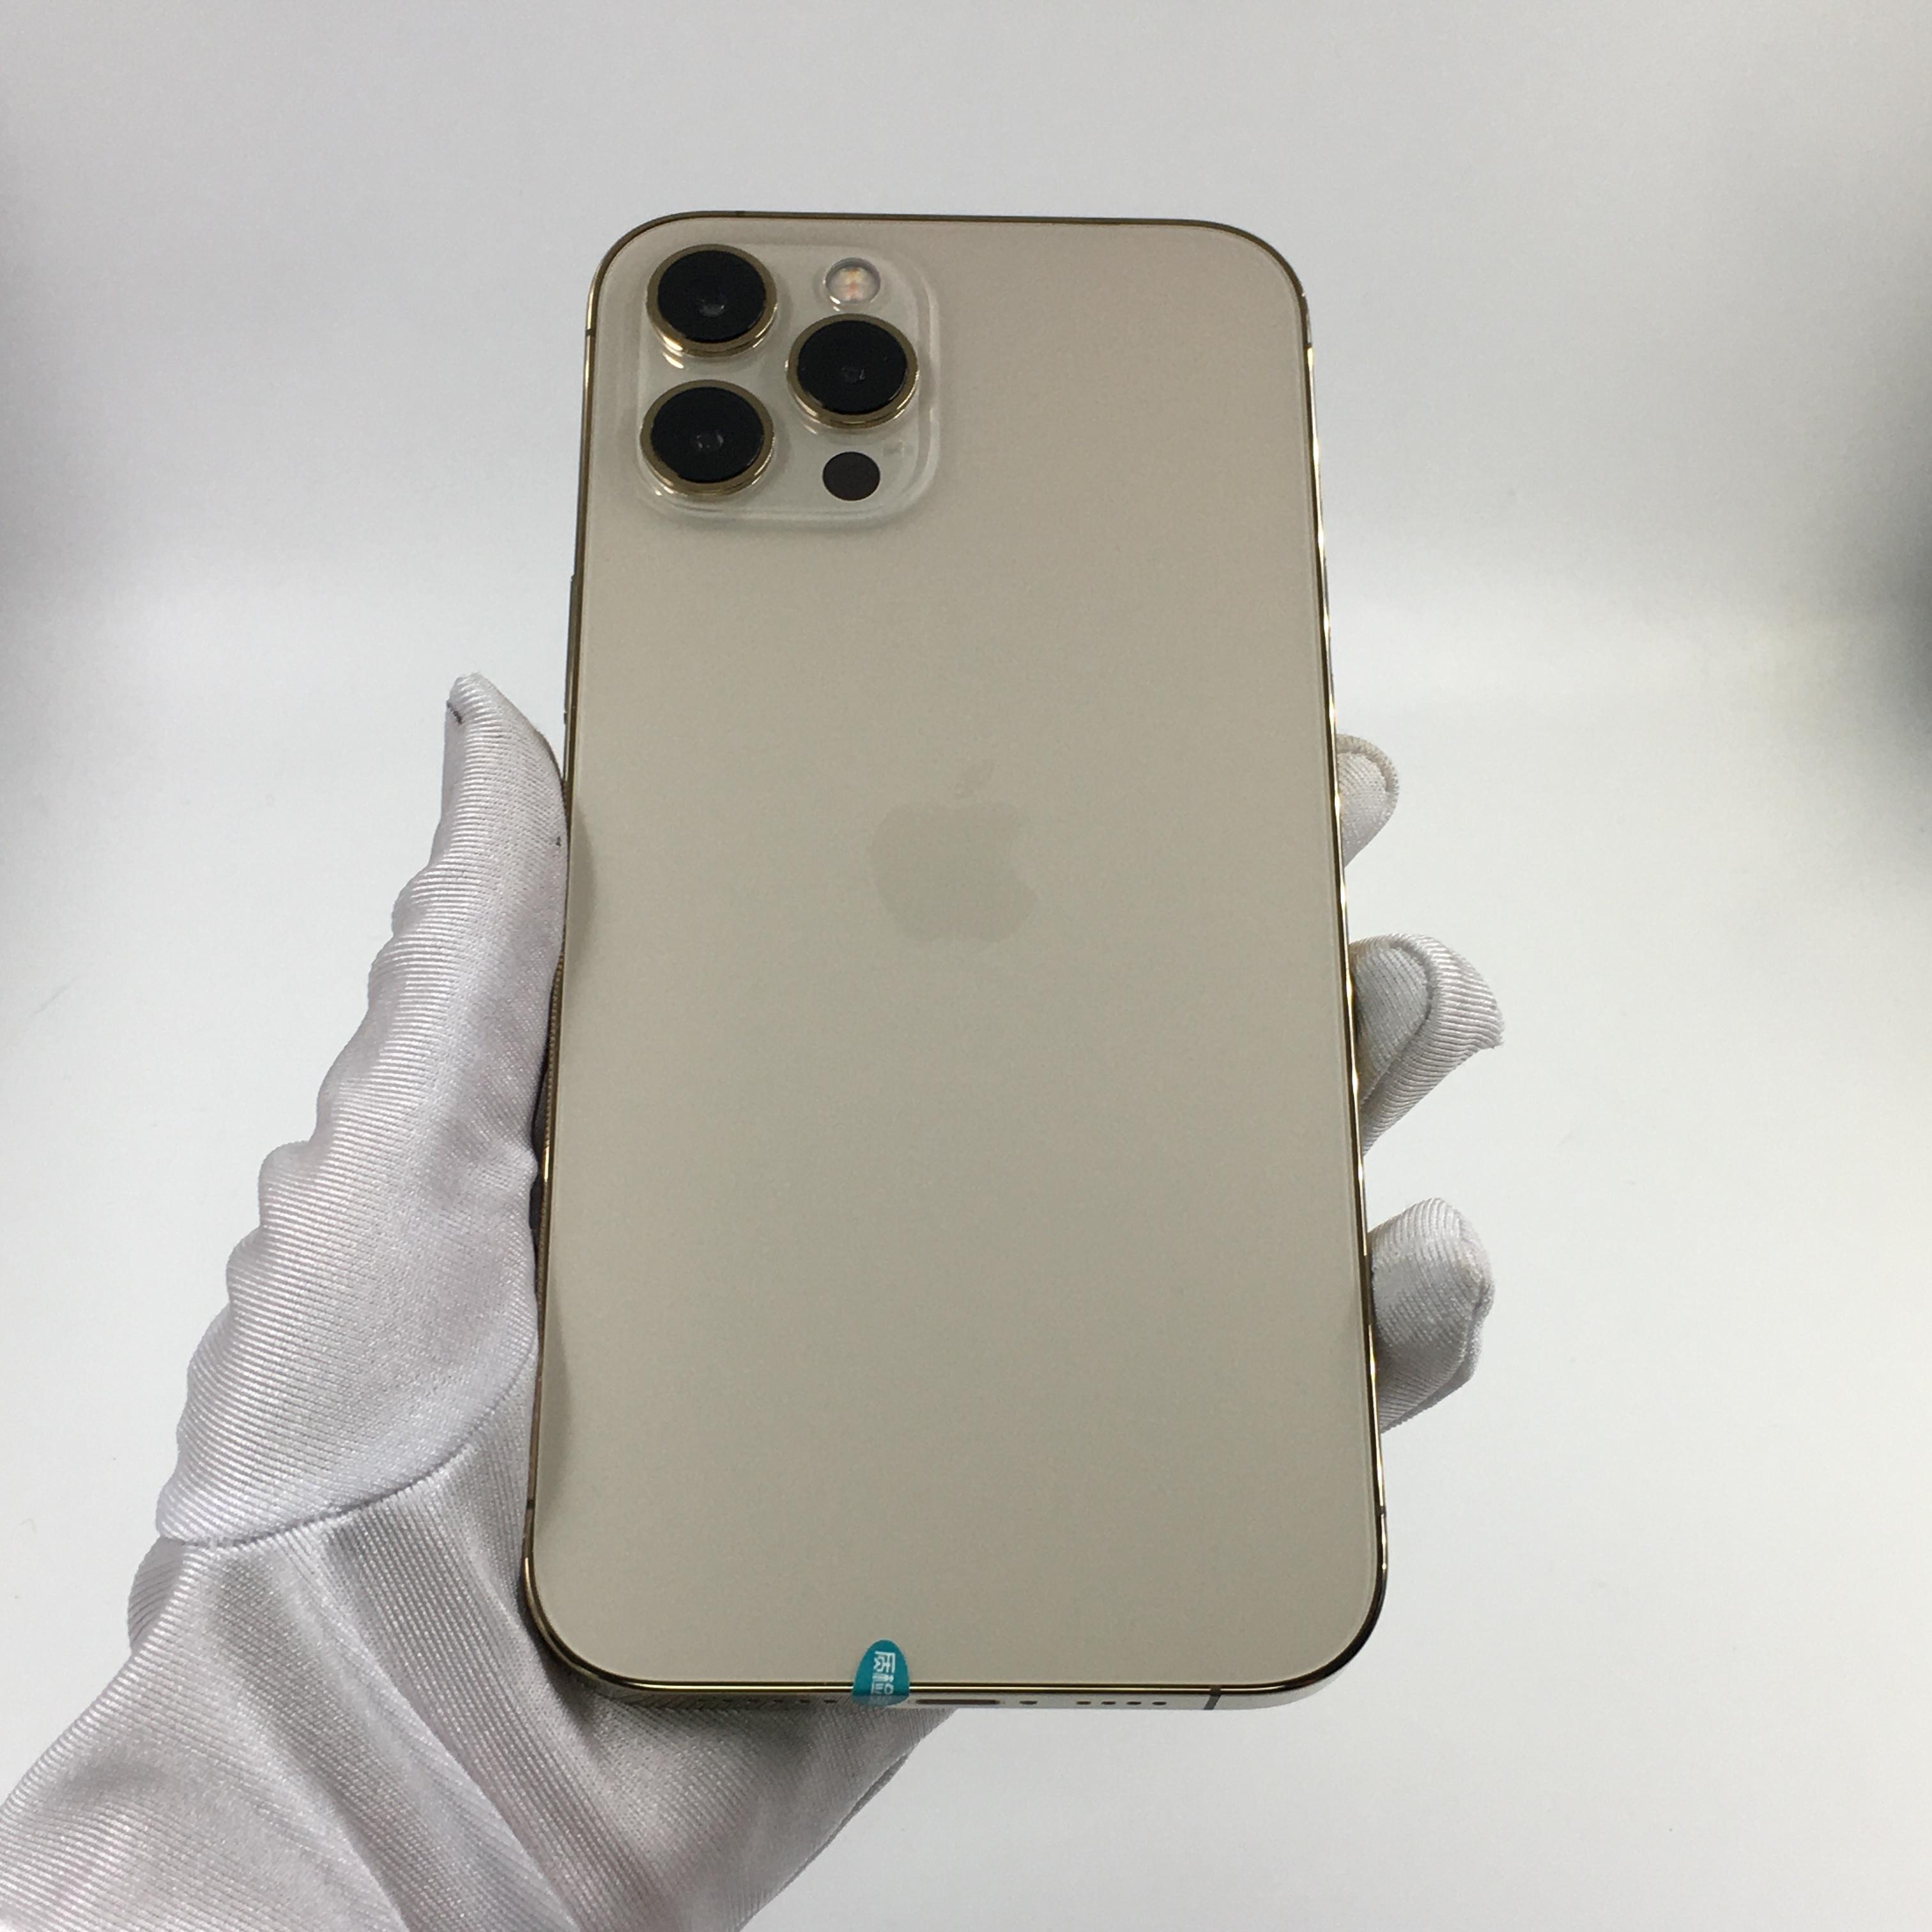 苹果【iPhone 12 Pro Max】5G全网通 金色 256G 国行 99新 256G真机实拍